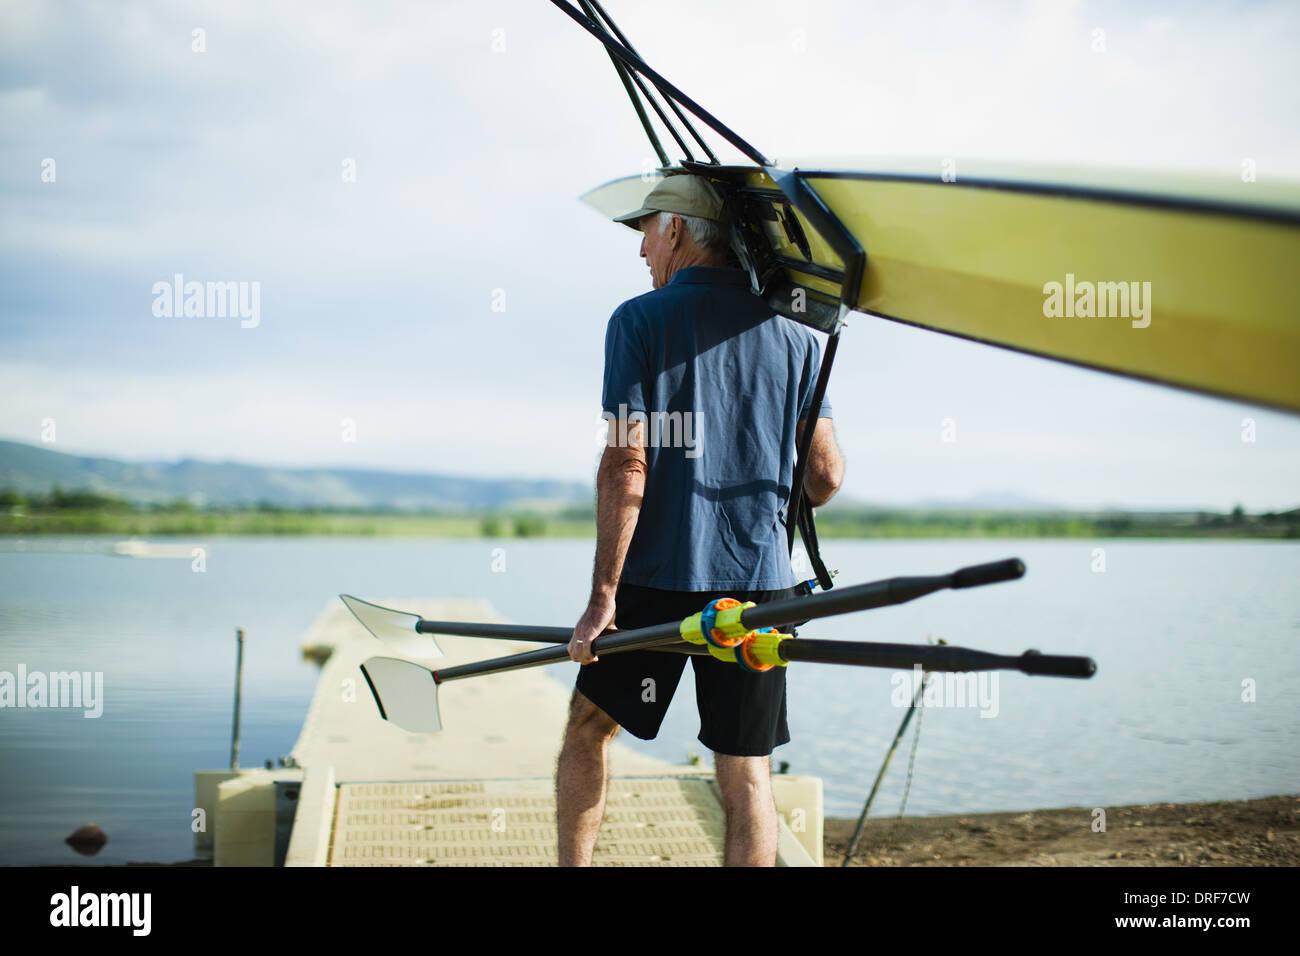 Colorado, EE.UU. hombre de mediana edad llevar remos y cáscara remando Imagen De Stock